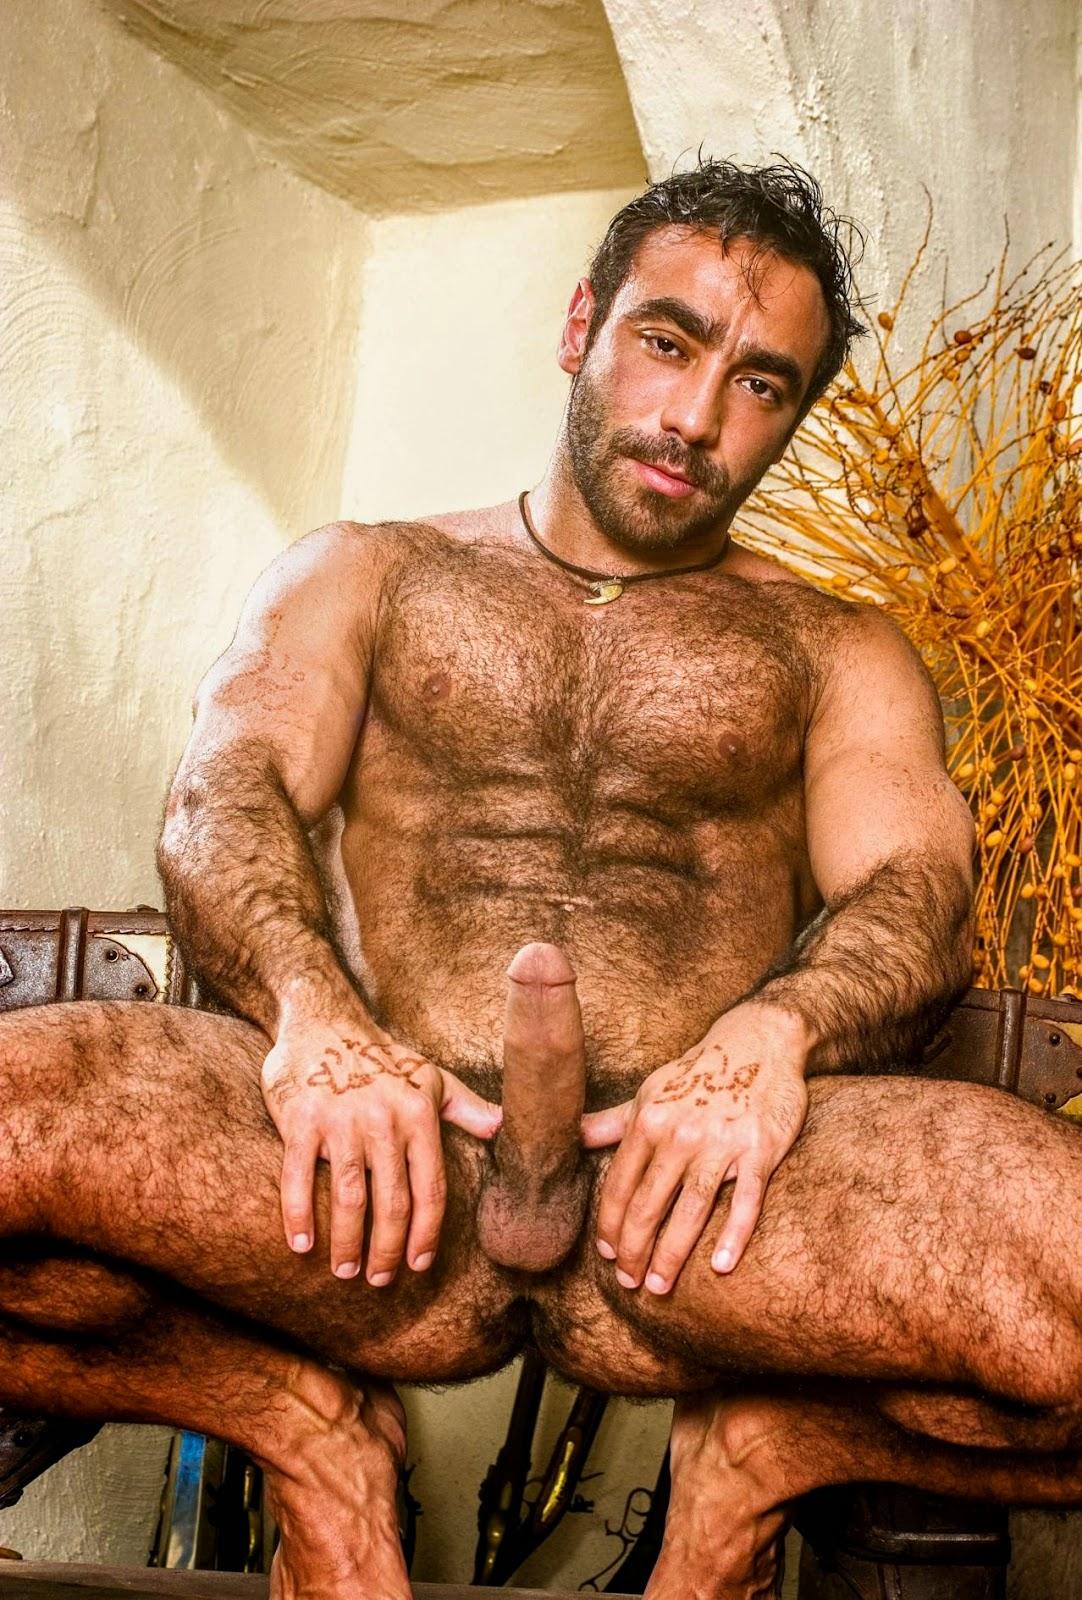 Free Arab Gay Porn